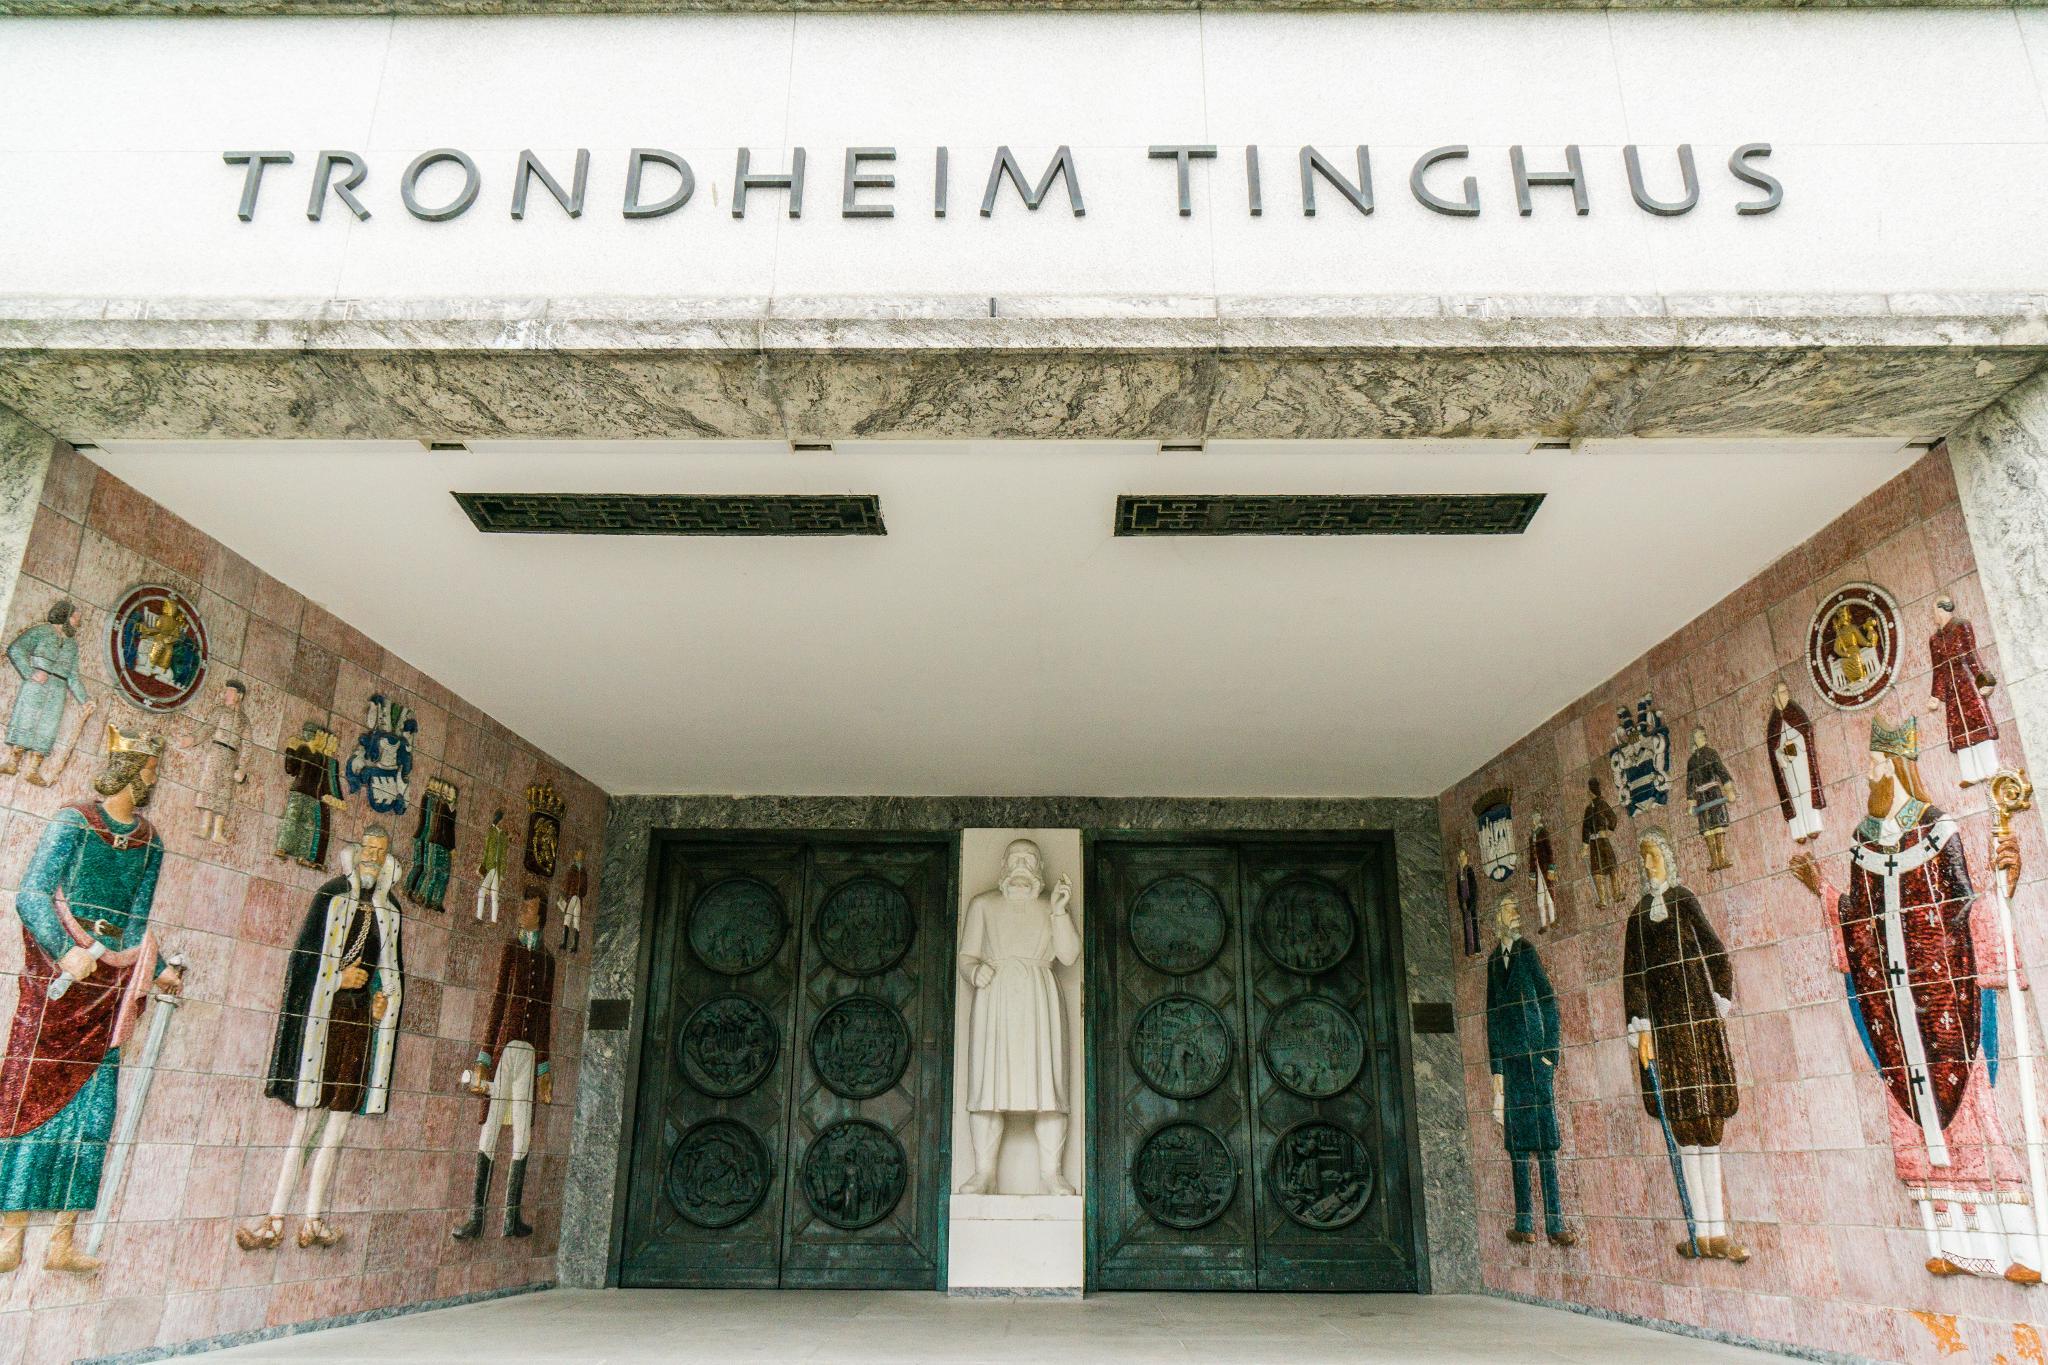 【北歐景點】拜訪維京王的千年古城 - Trondheim 特隆赫姆景點懶人包 32